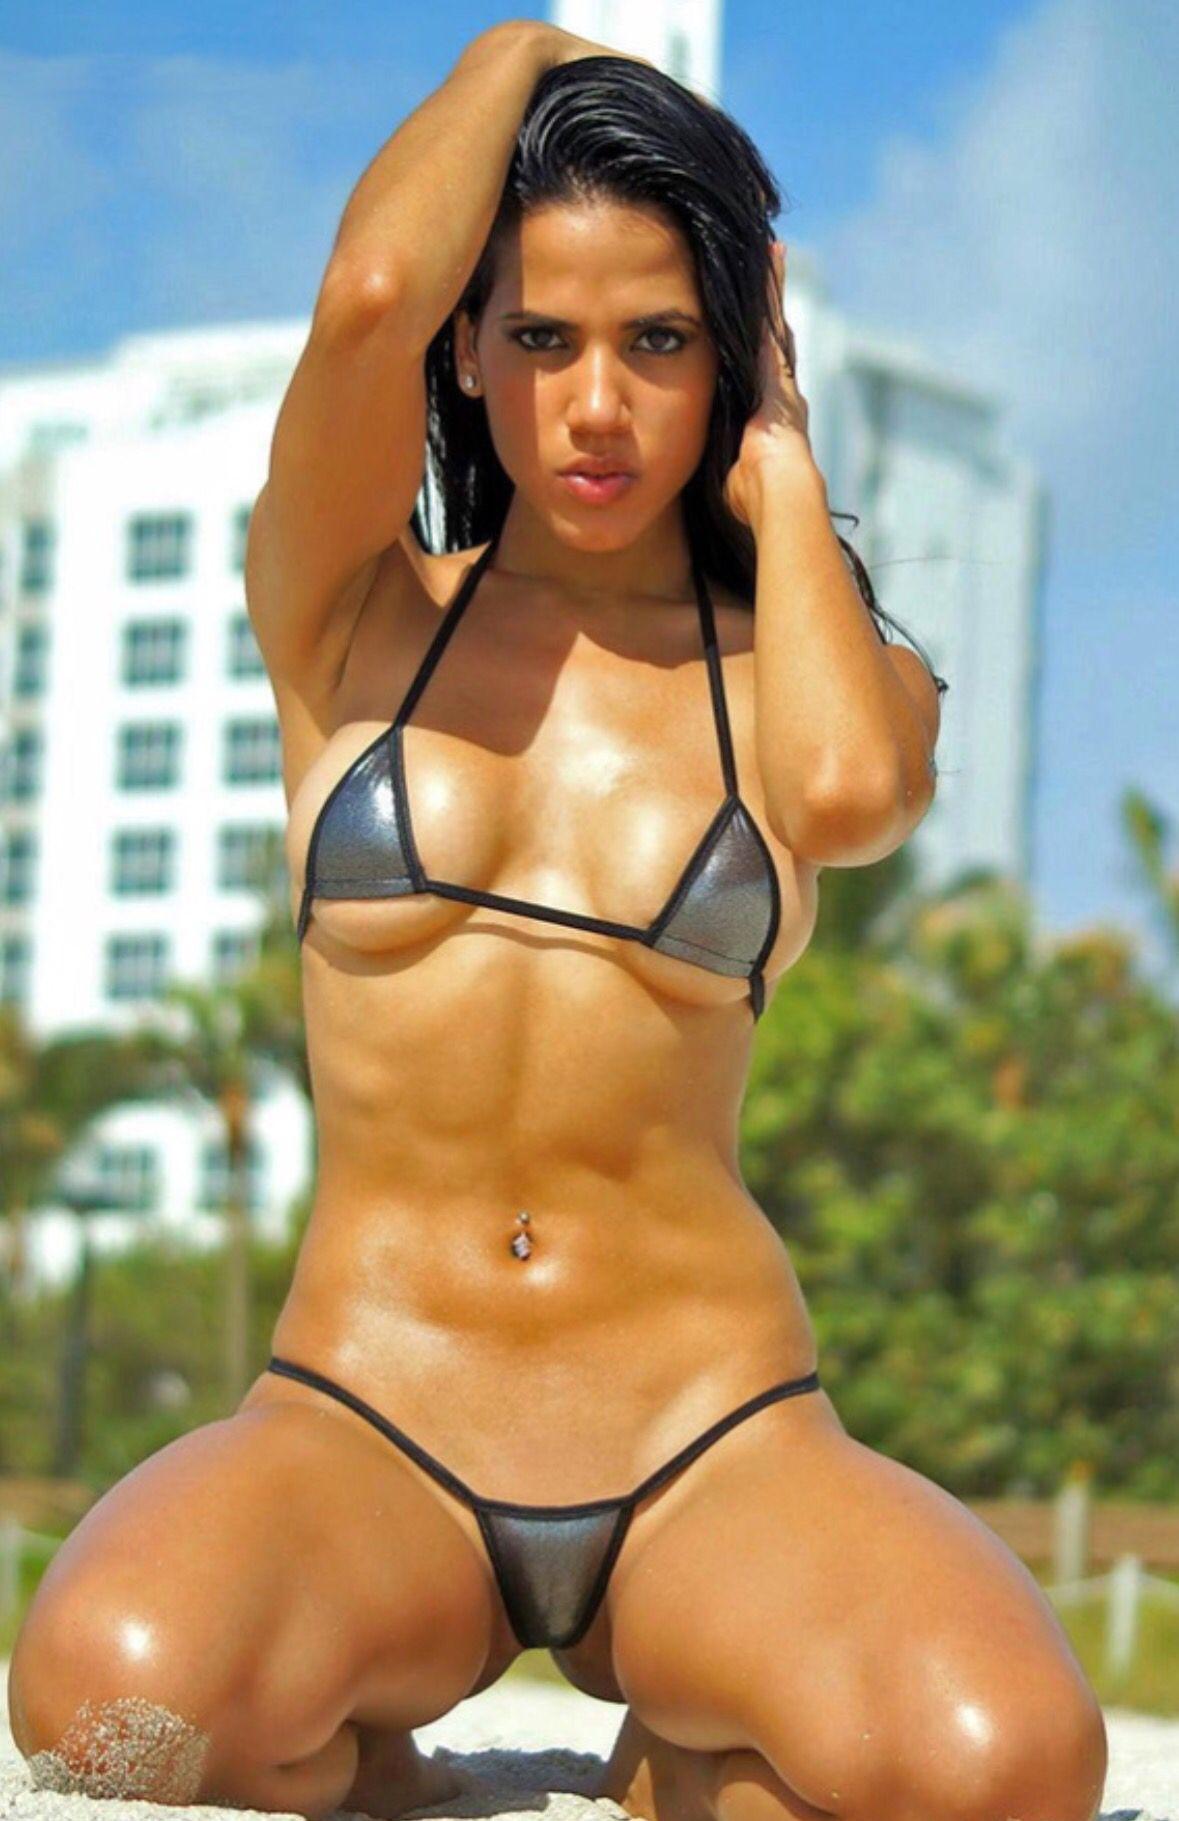 sexy women fuck in micro bikini